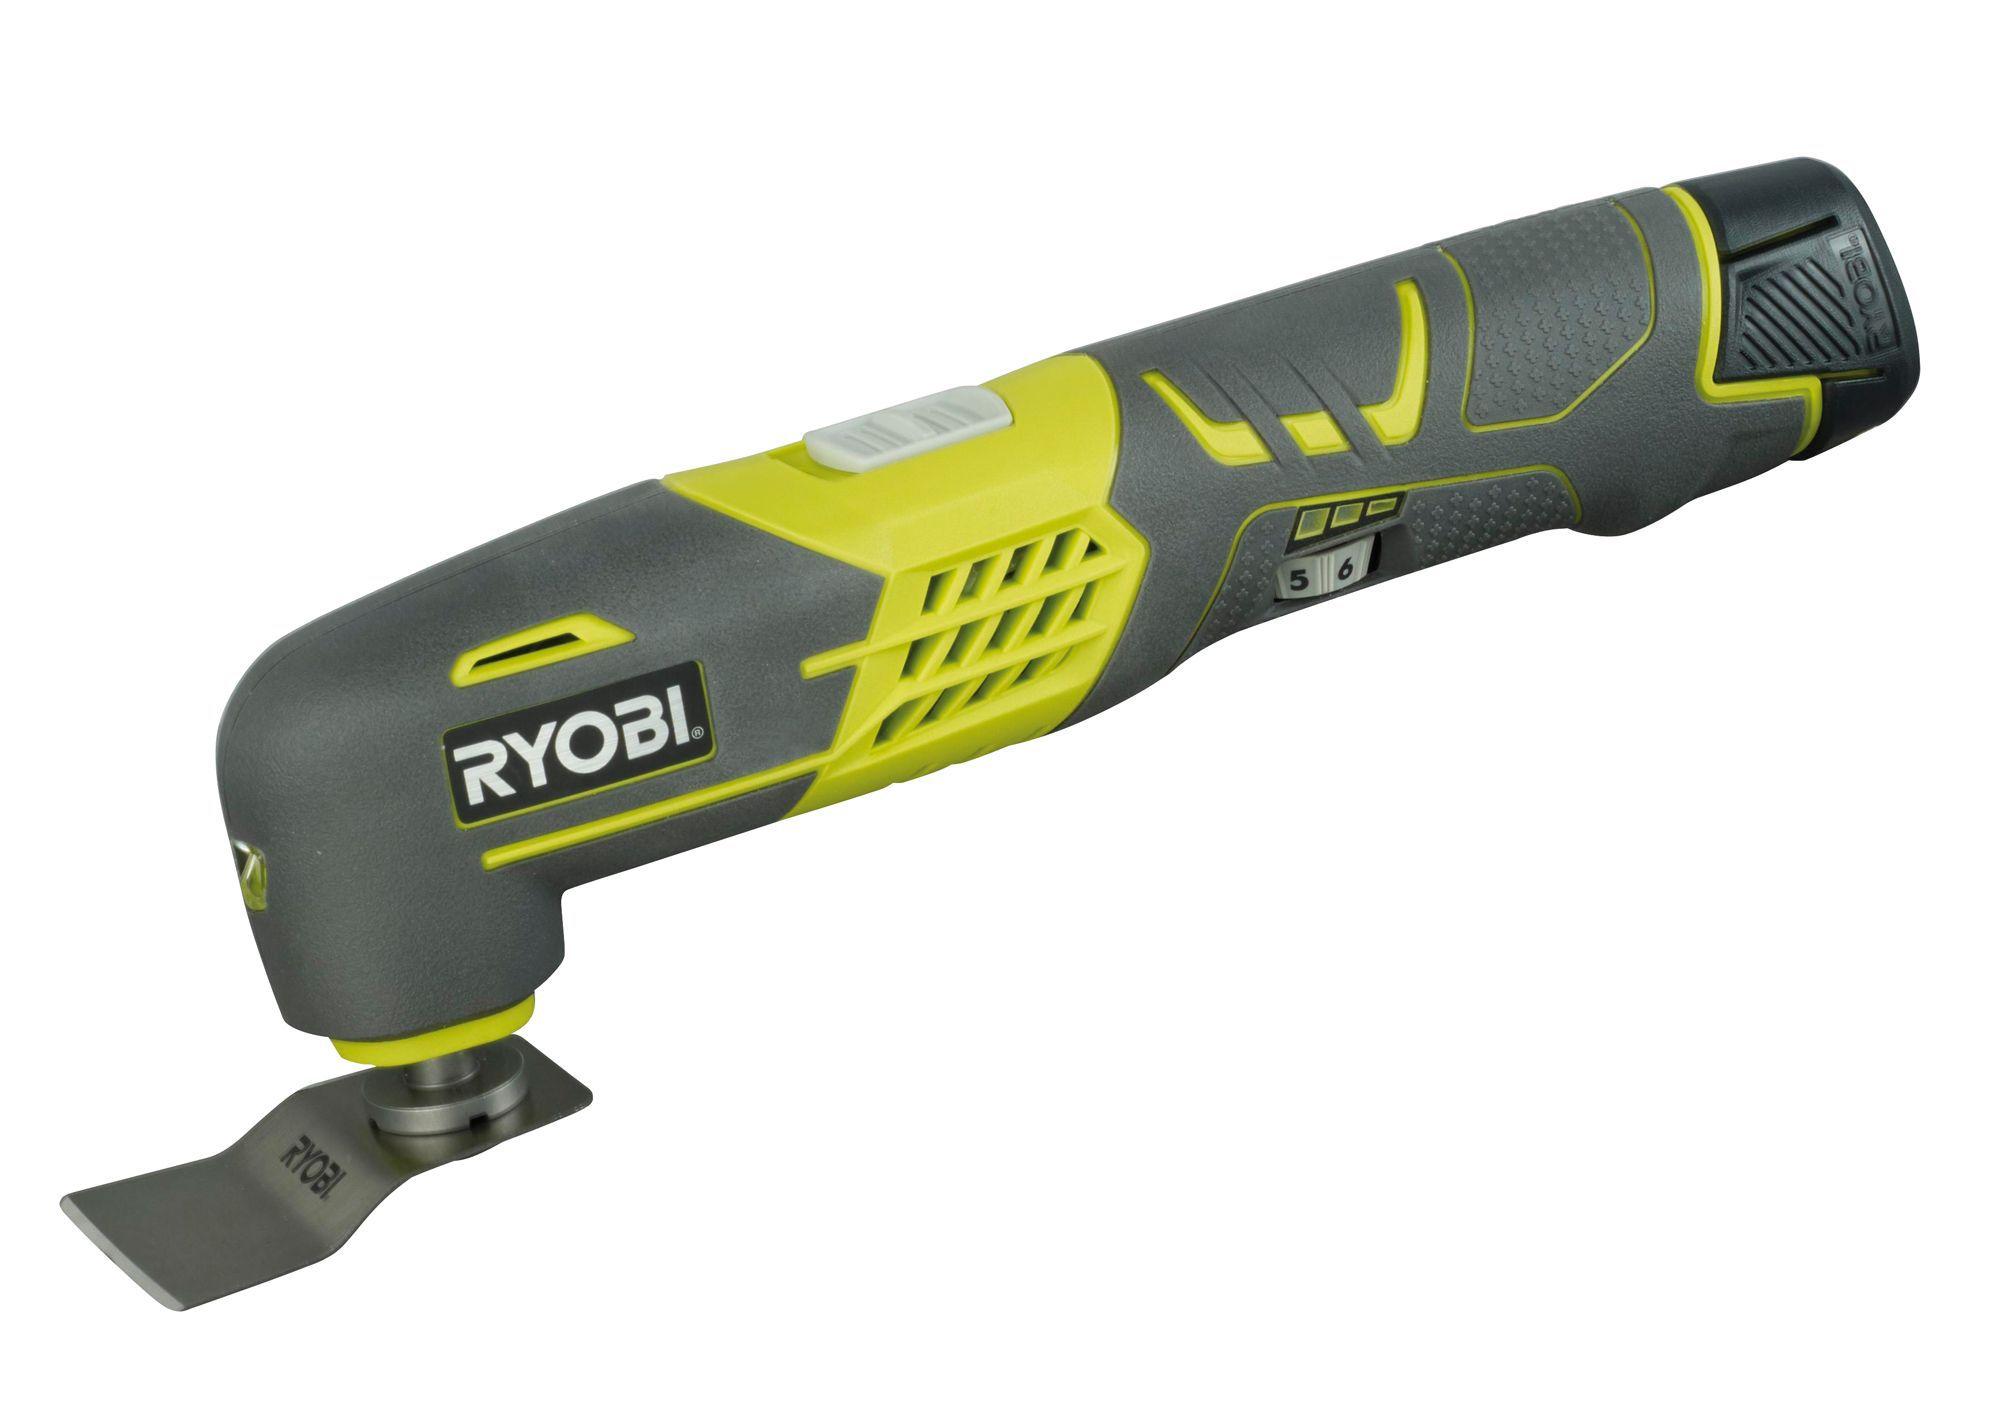 Ryobi 12v Cordless Multi Tool Rmt12011l Departments